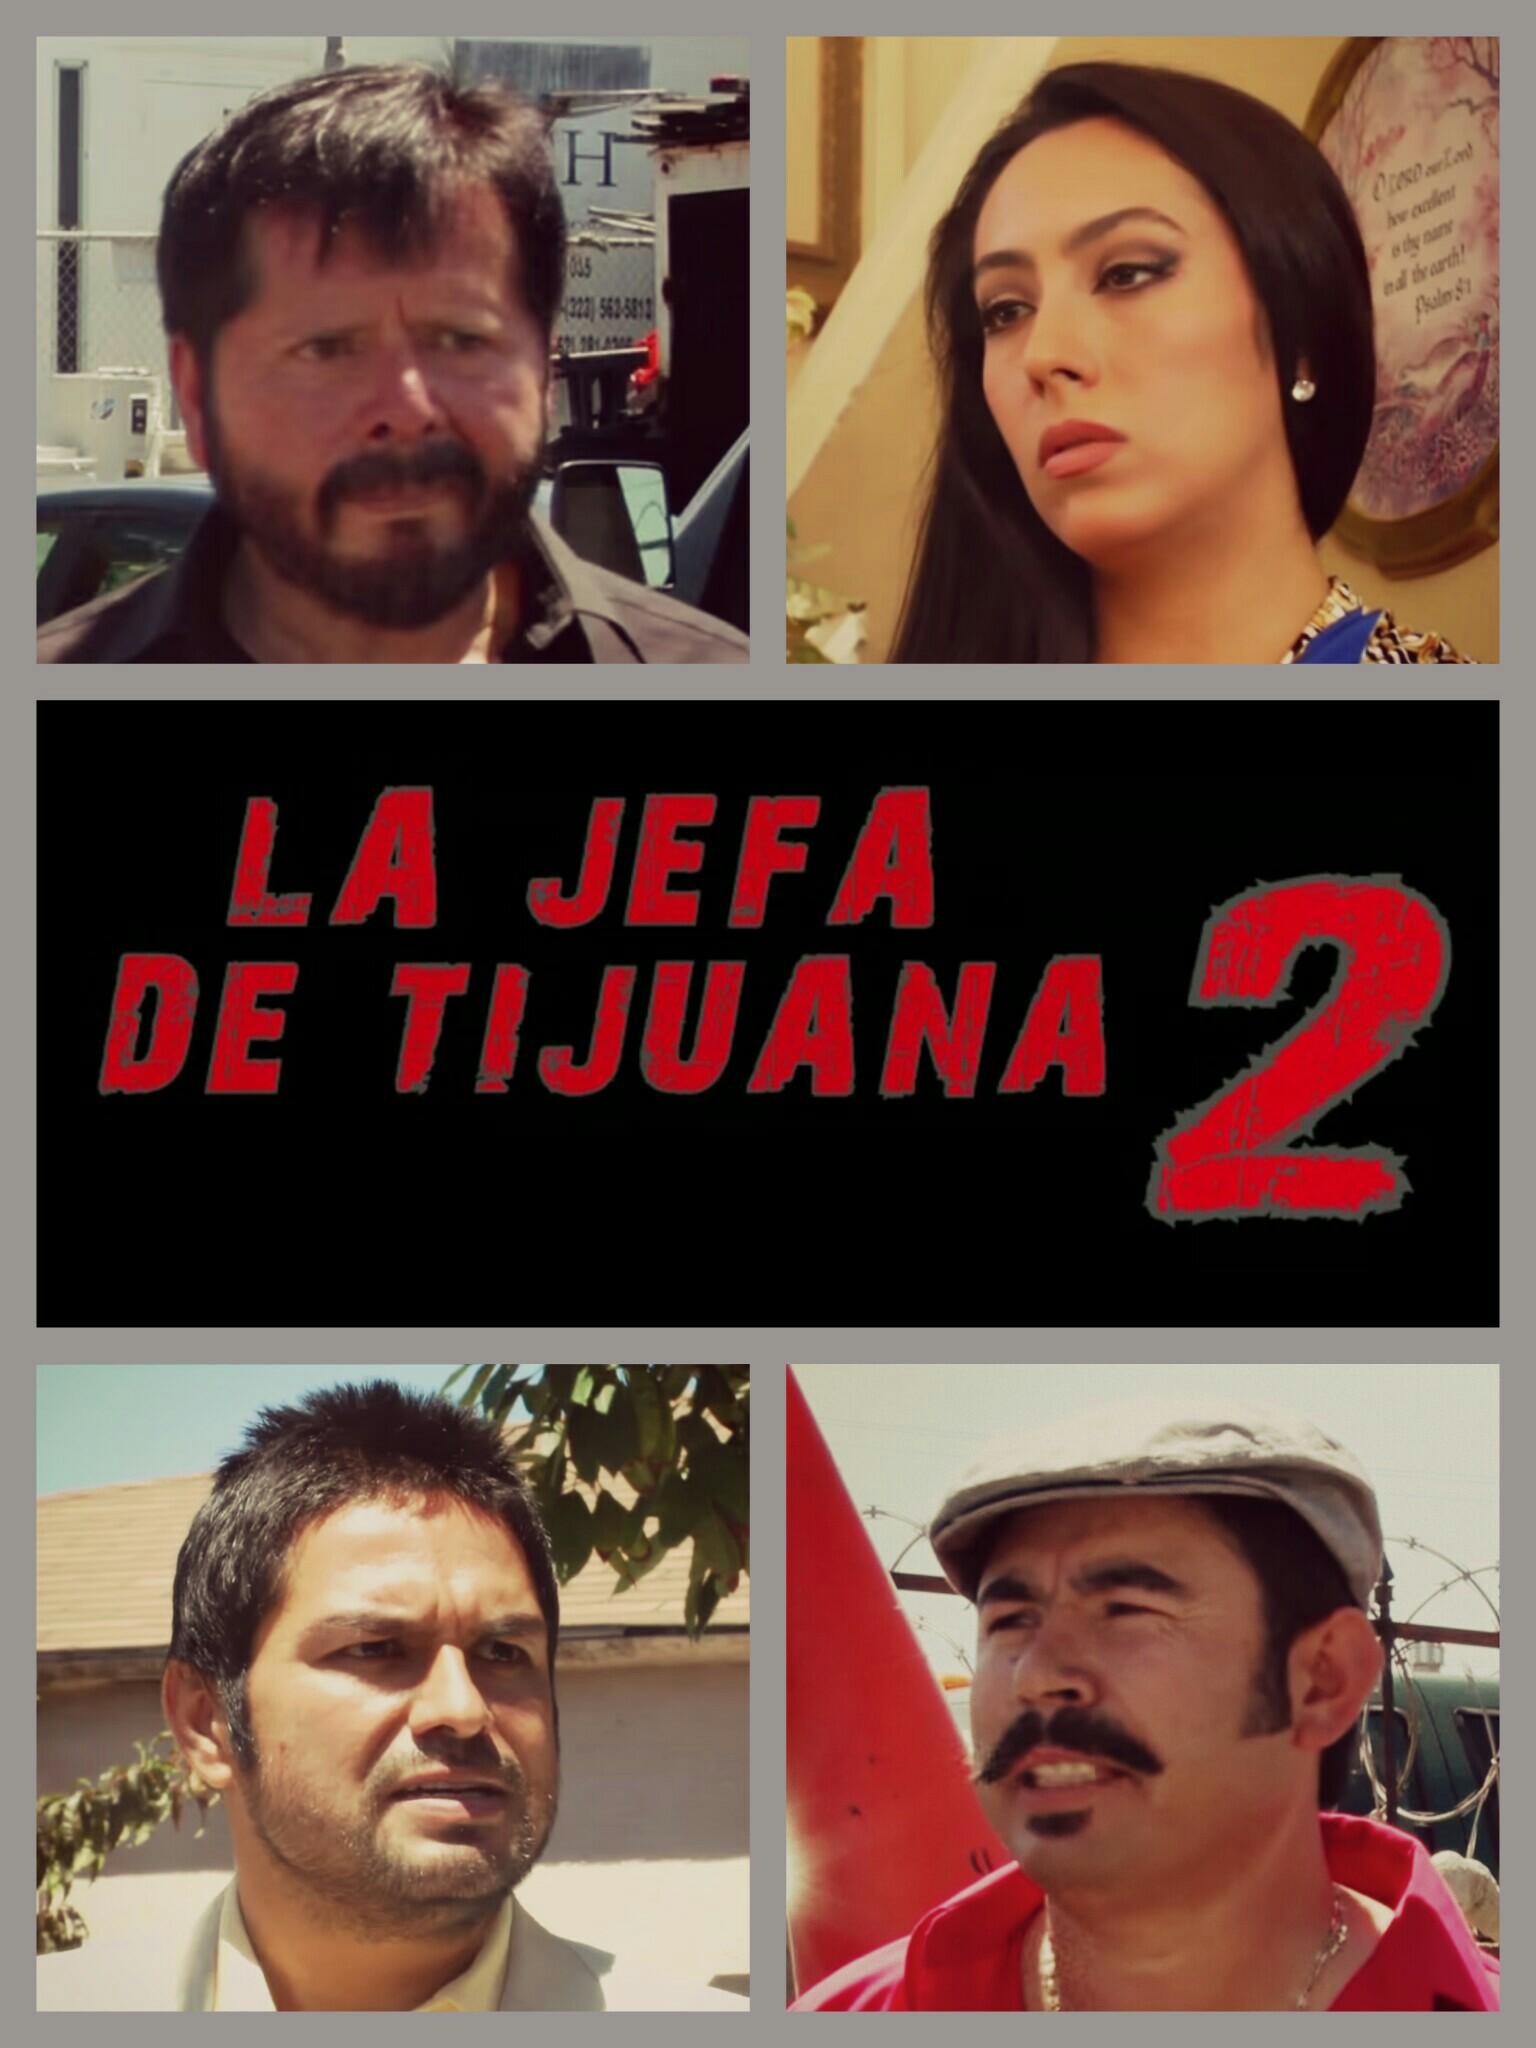 Bernabé Melendrez, Natali Velasco, John Solis, and Chuy Valencia El Cotija in La jefa de Tijuana 2 (2013)